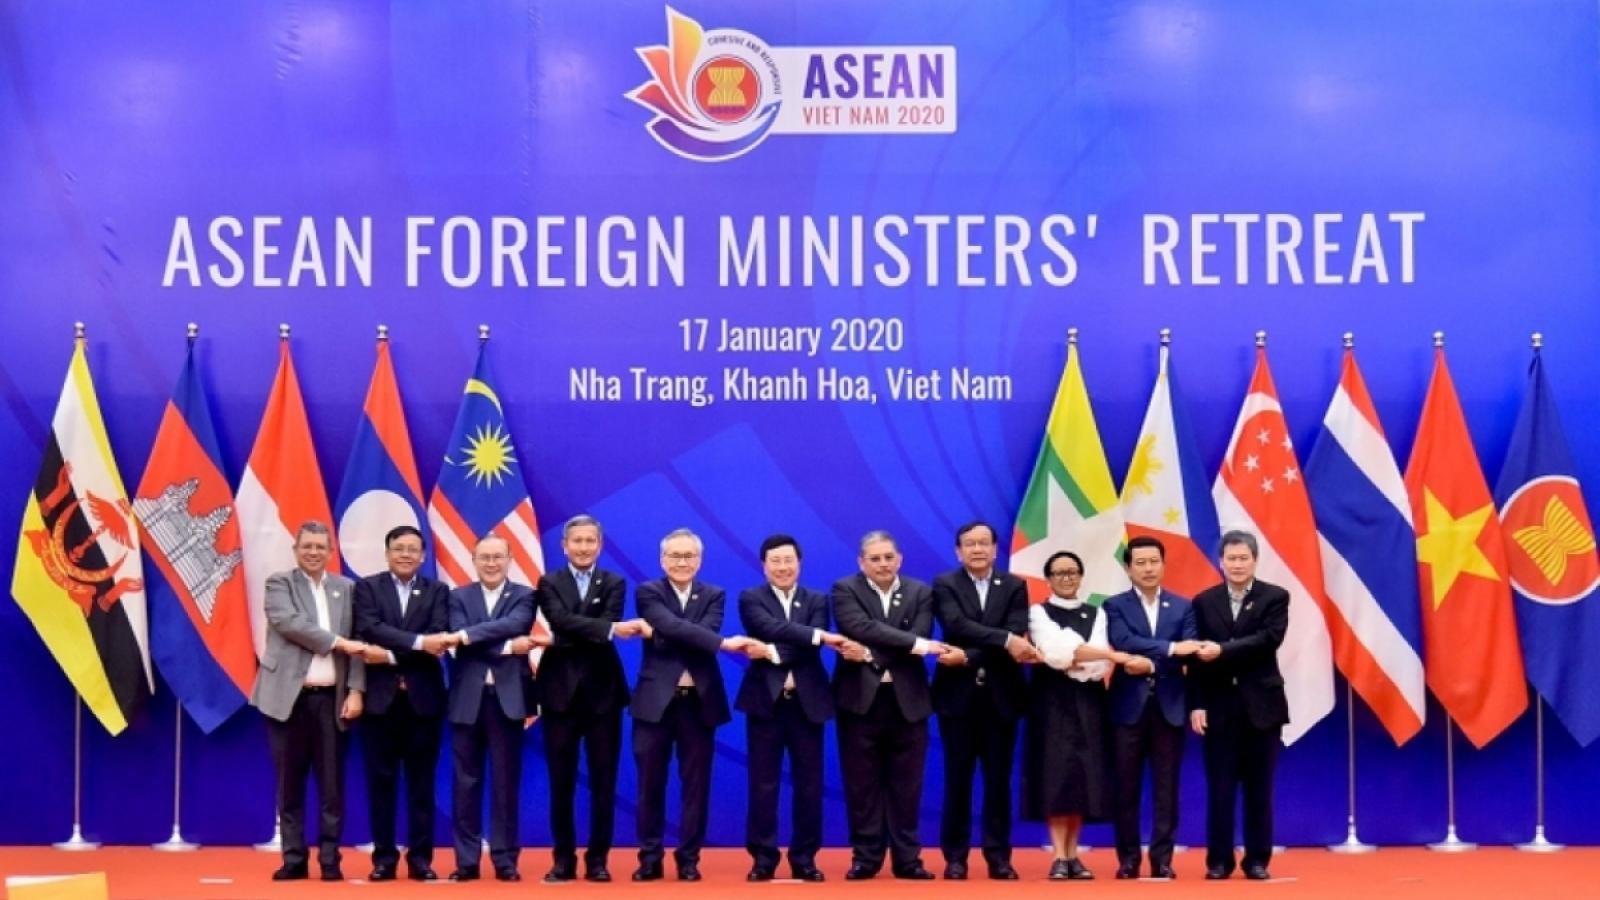 Hội nghị Bộ trưởng Cấp cao Đông Á: Dấu mốc 15 năm hợp tác và định hướng giai đoạn mới